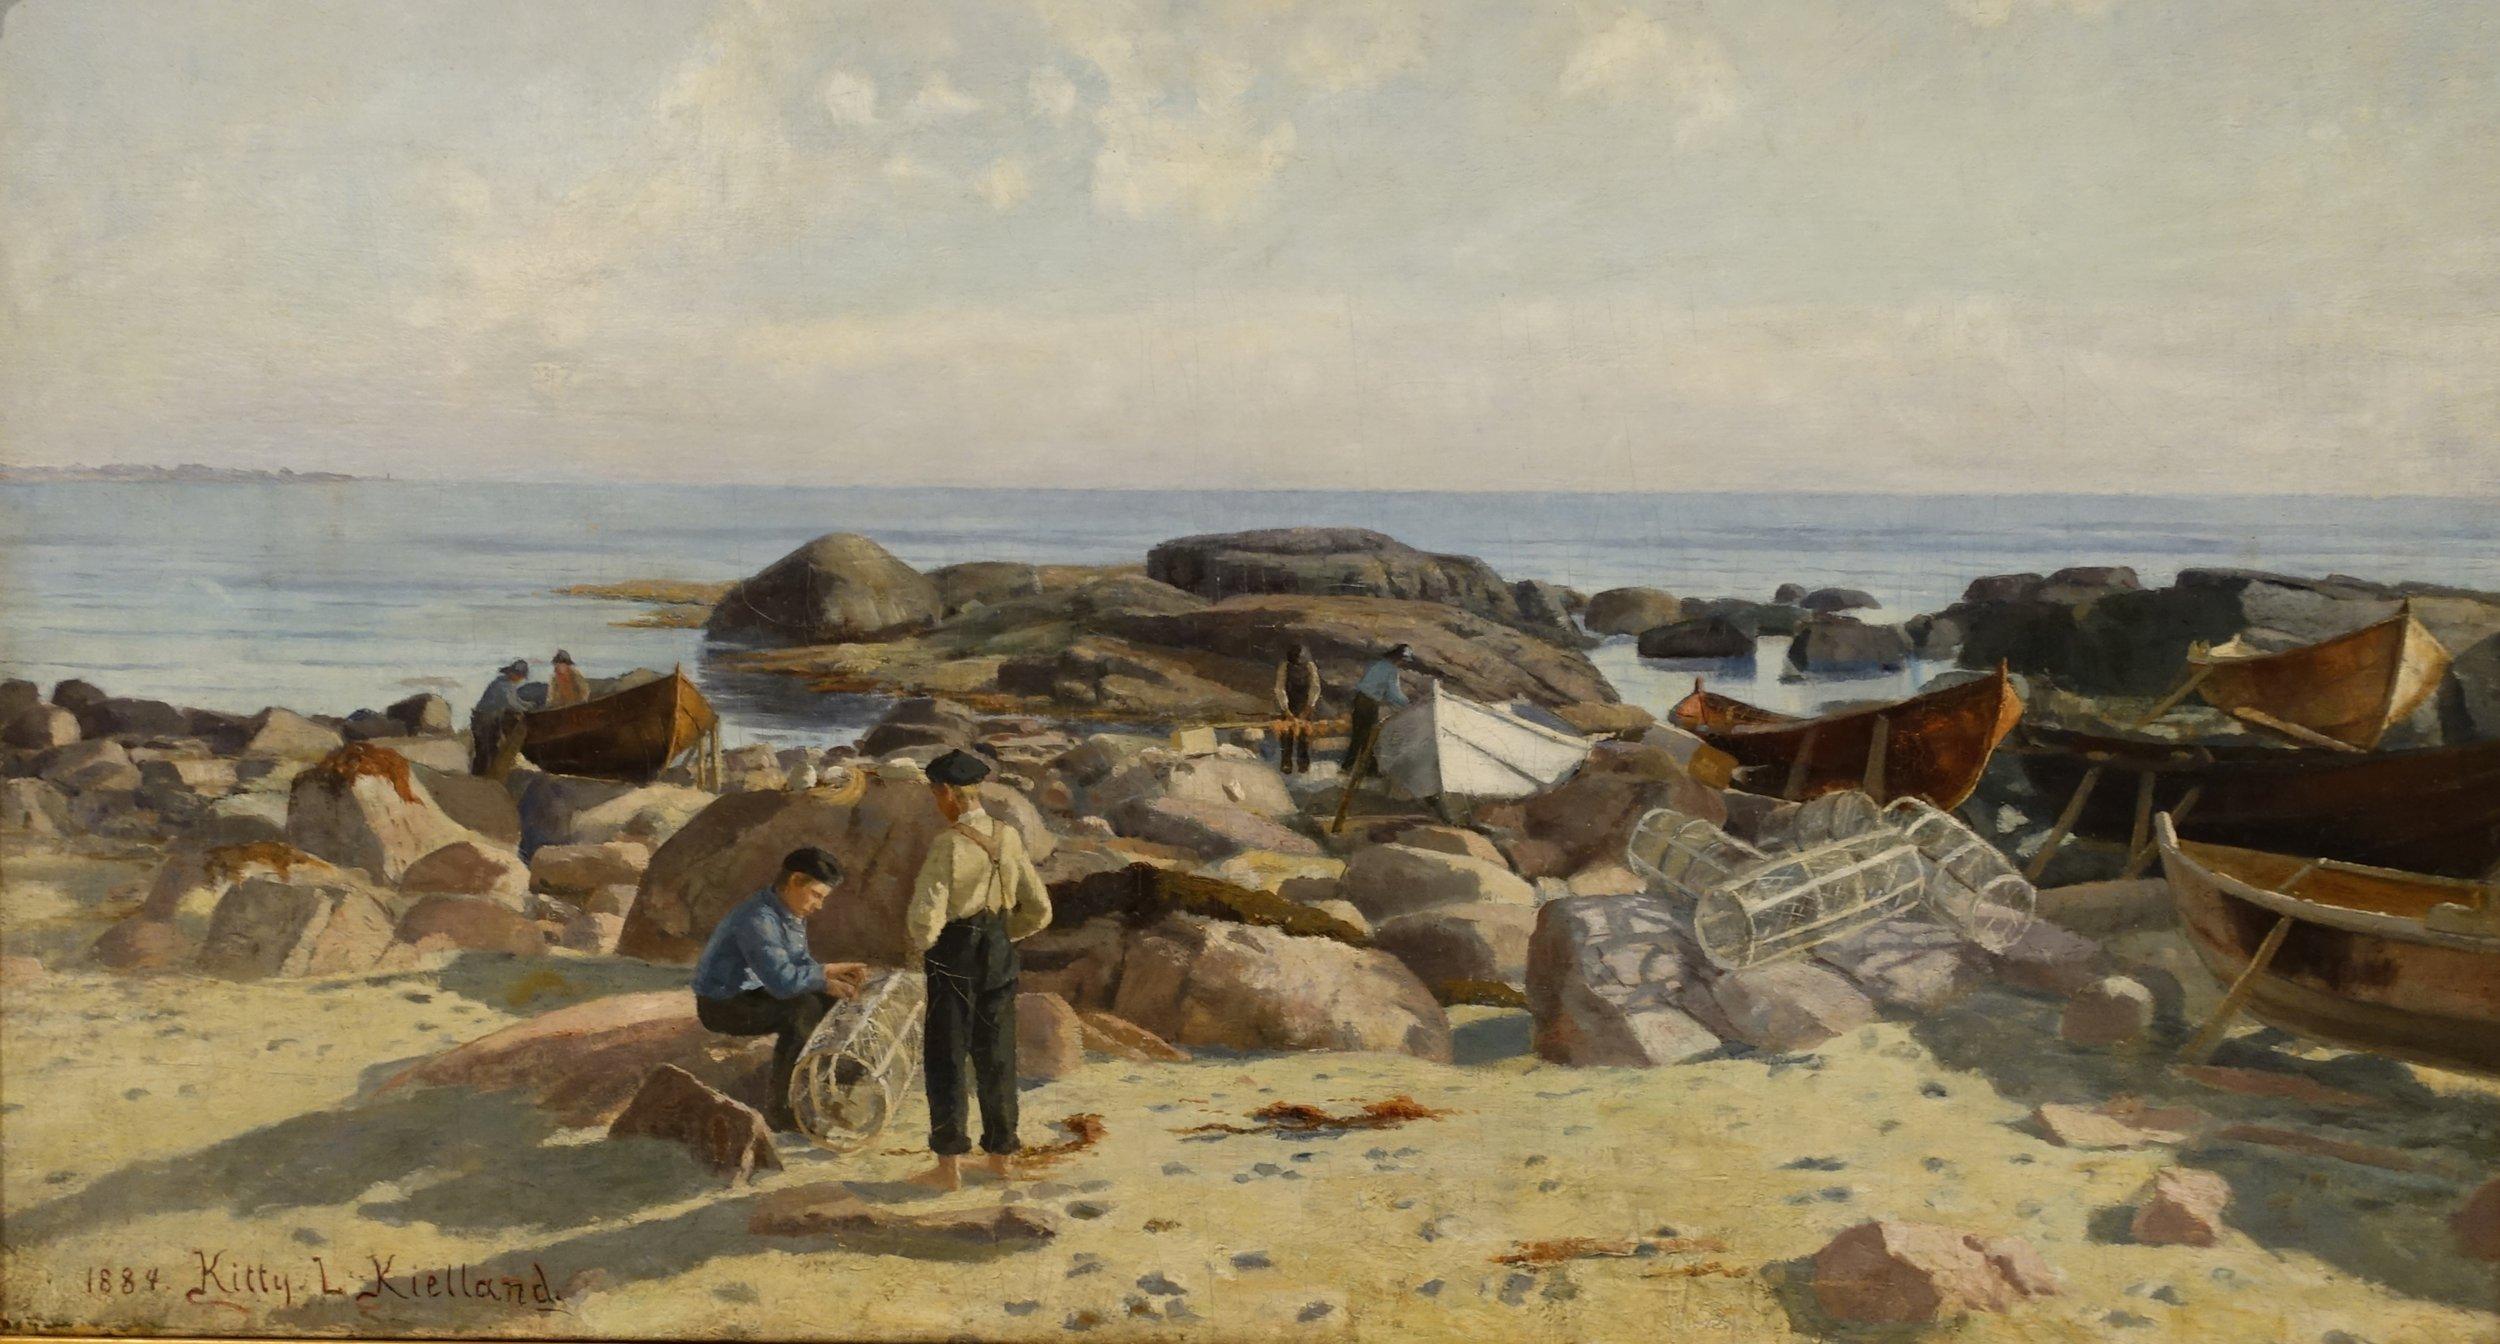 Kitty Kielland , Hummerfiskere , 1884